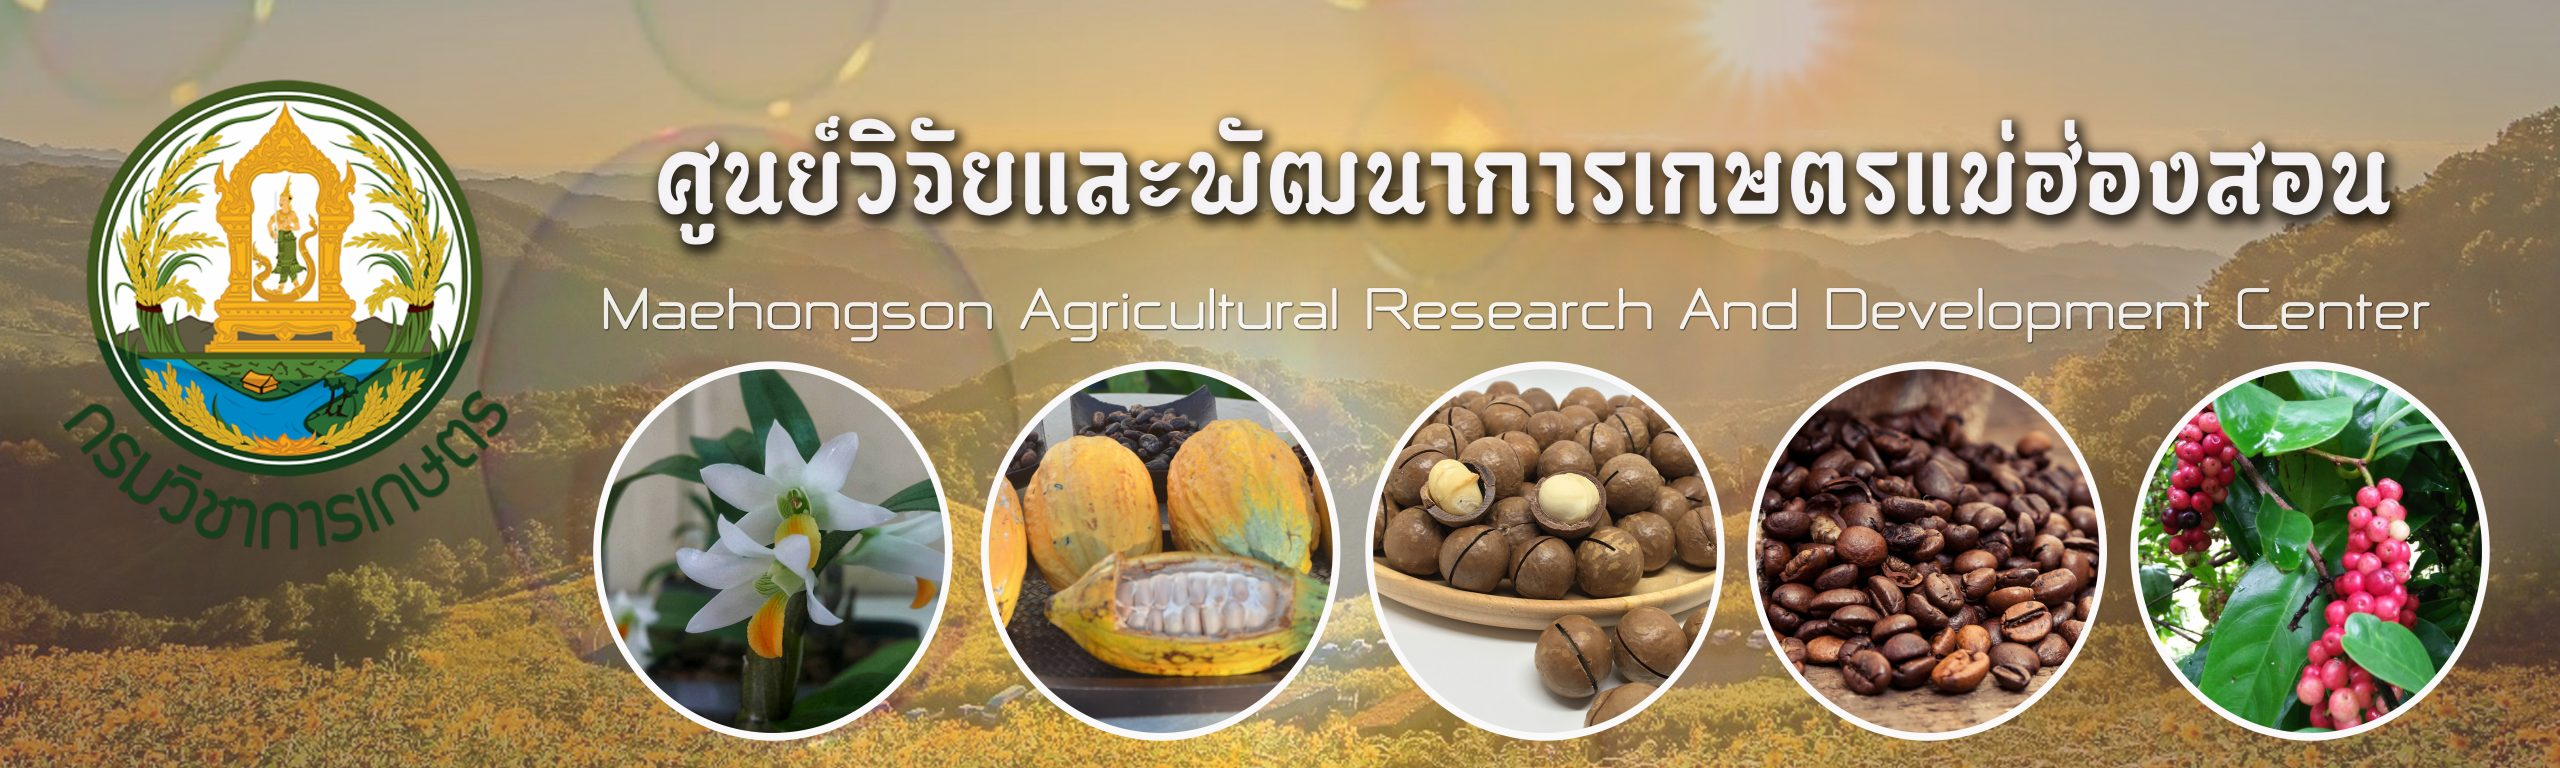 ศูนย์วิจัยและพัฒนาการเกษตรแม่ฮ่องสอน